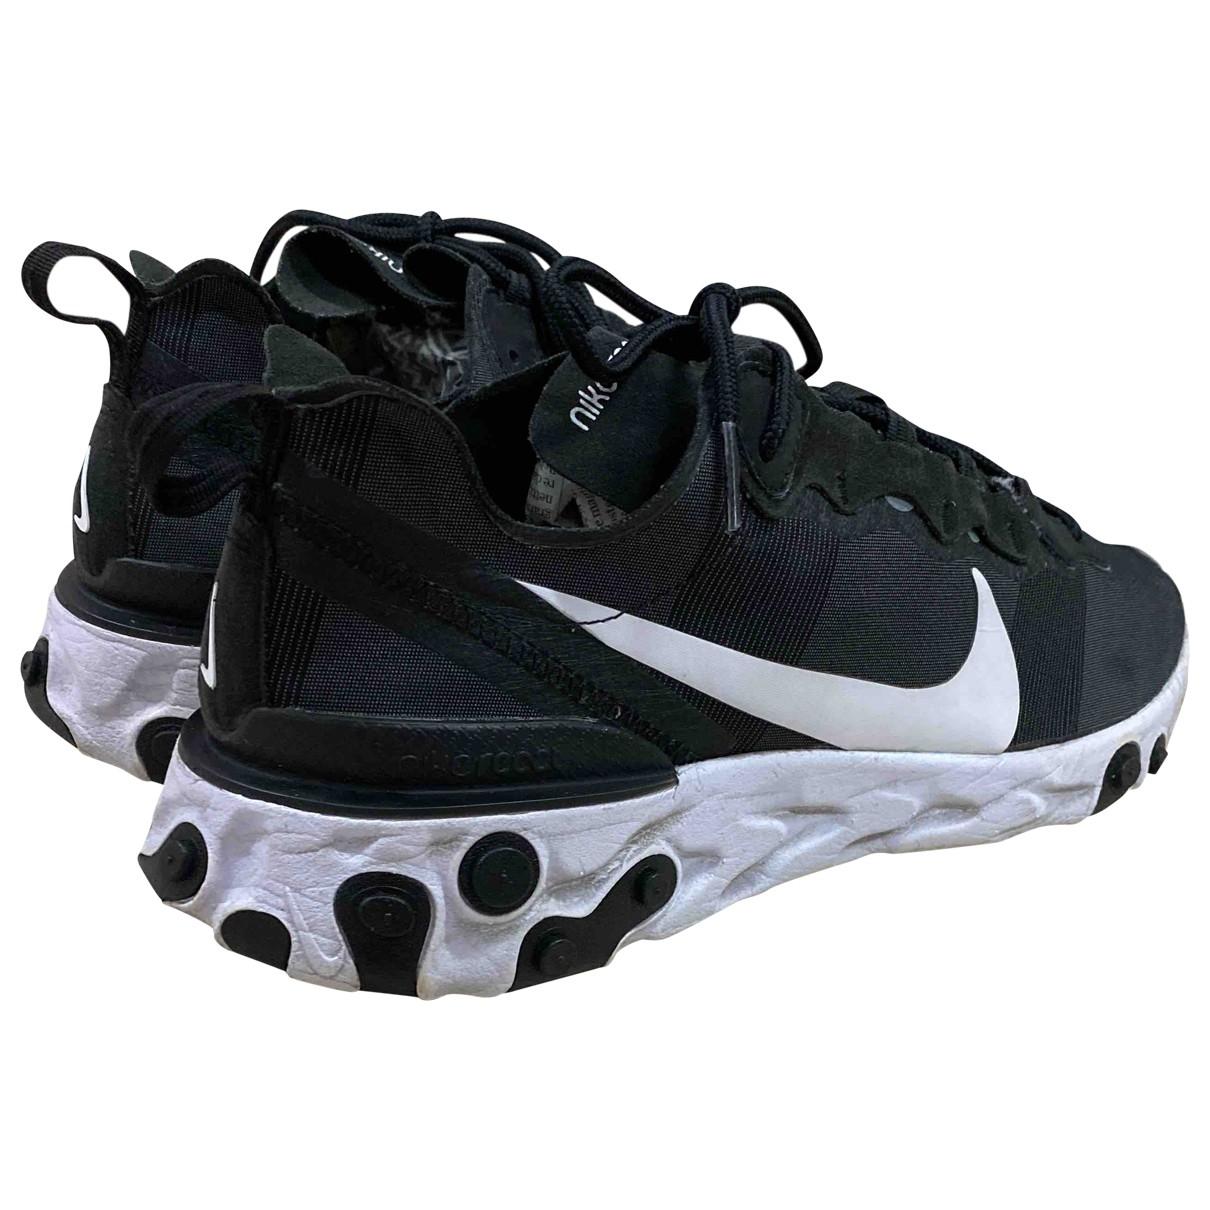 Nike - Baskets React element 55 pour homme en toile - noir